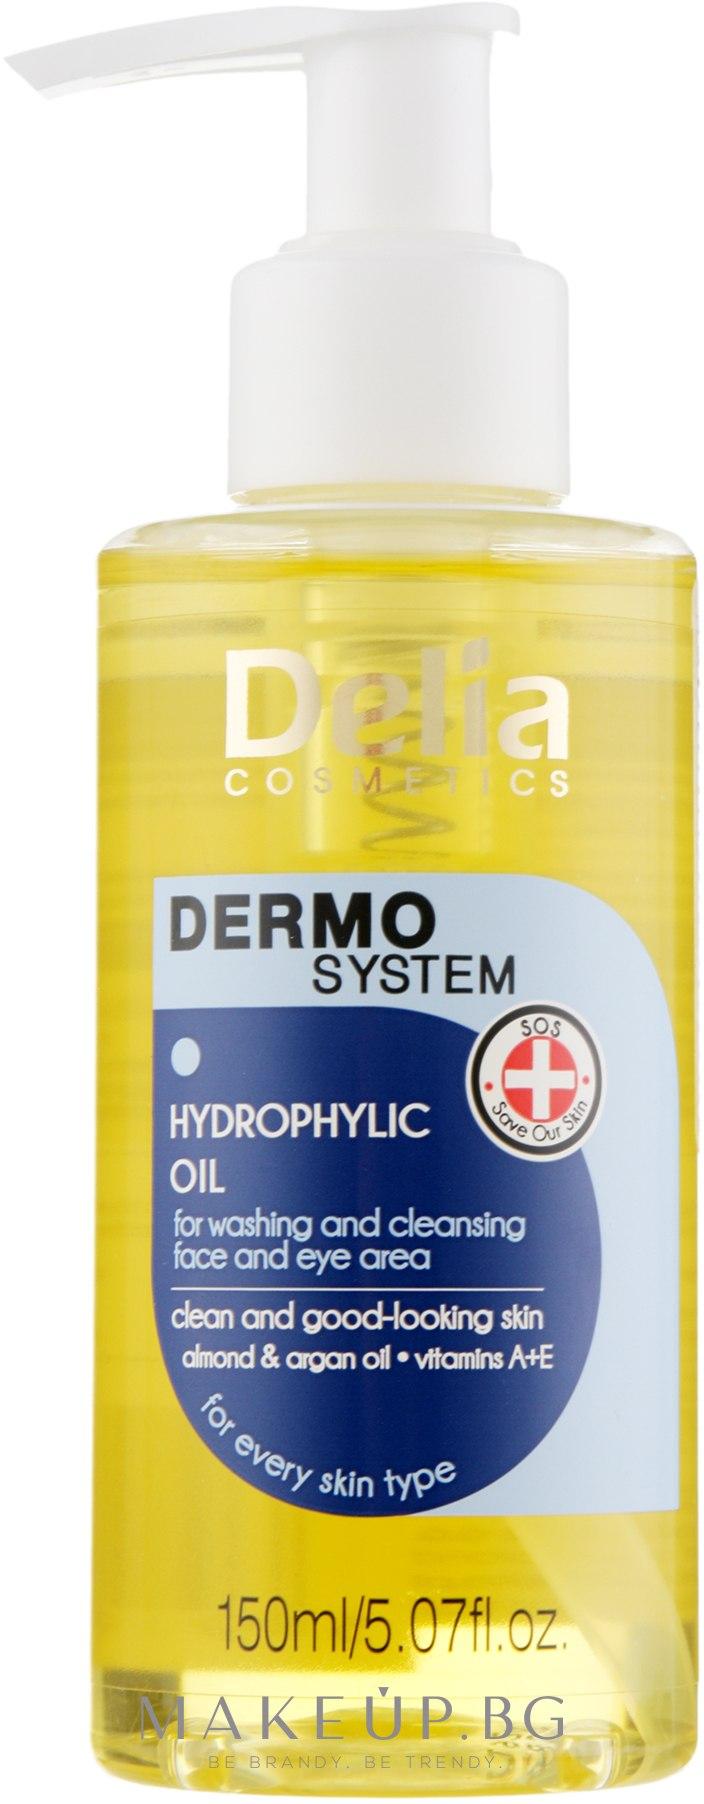 Измиващо хидрофилно масло за лице и околоочната зона - Dermo System Delia — снимка 150 ml